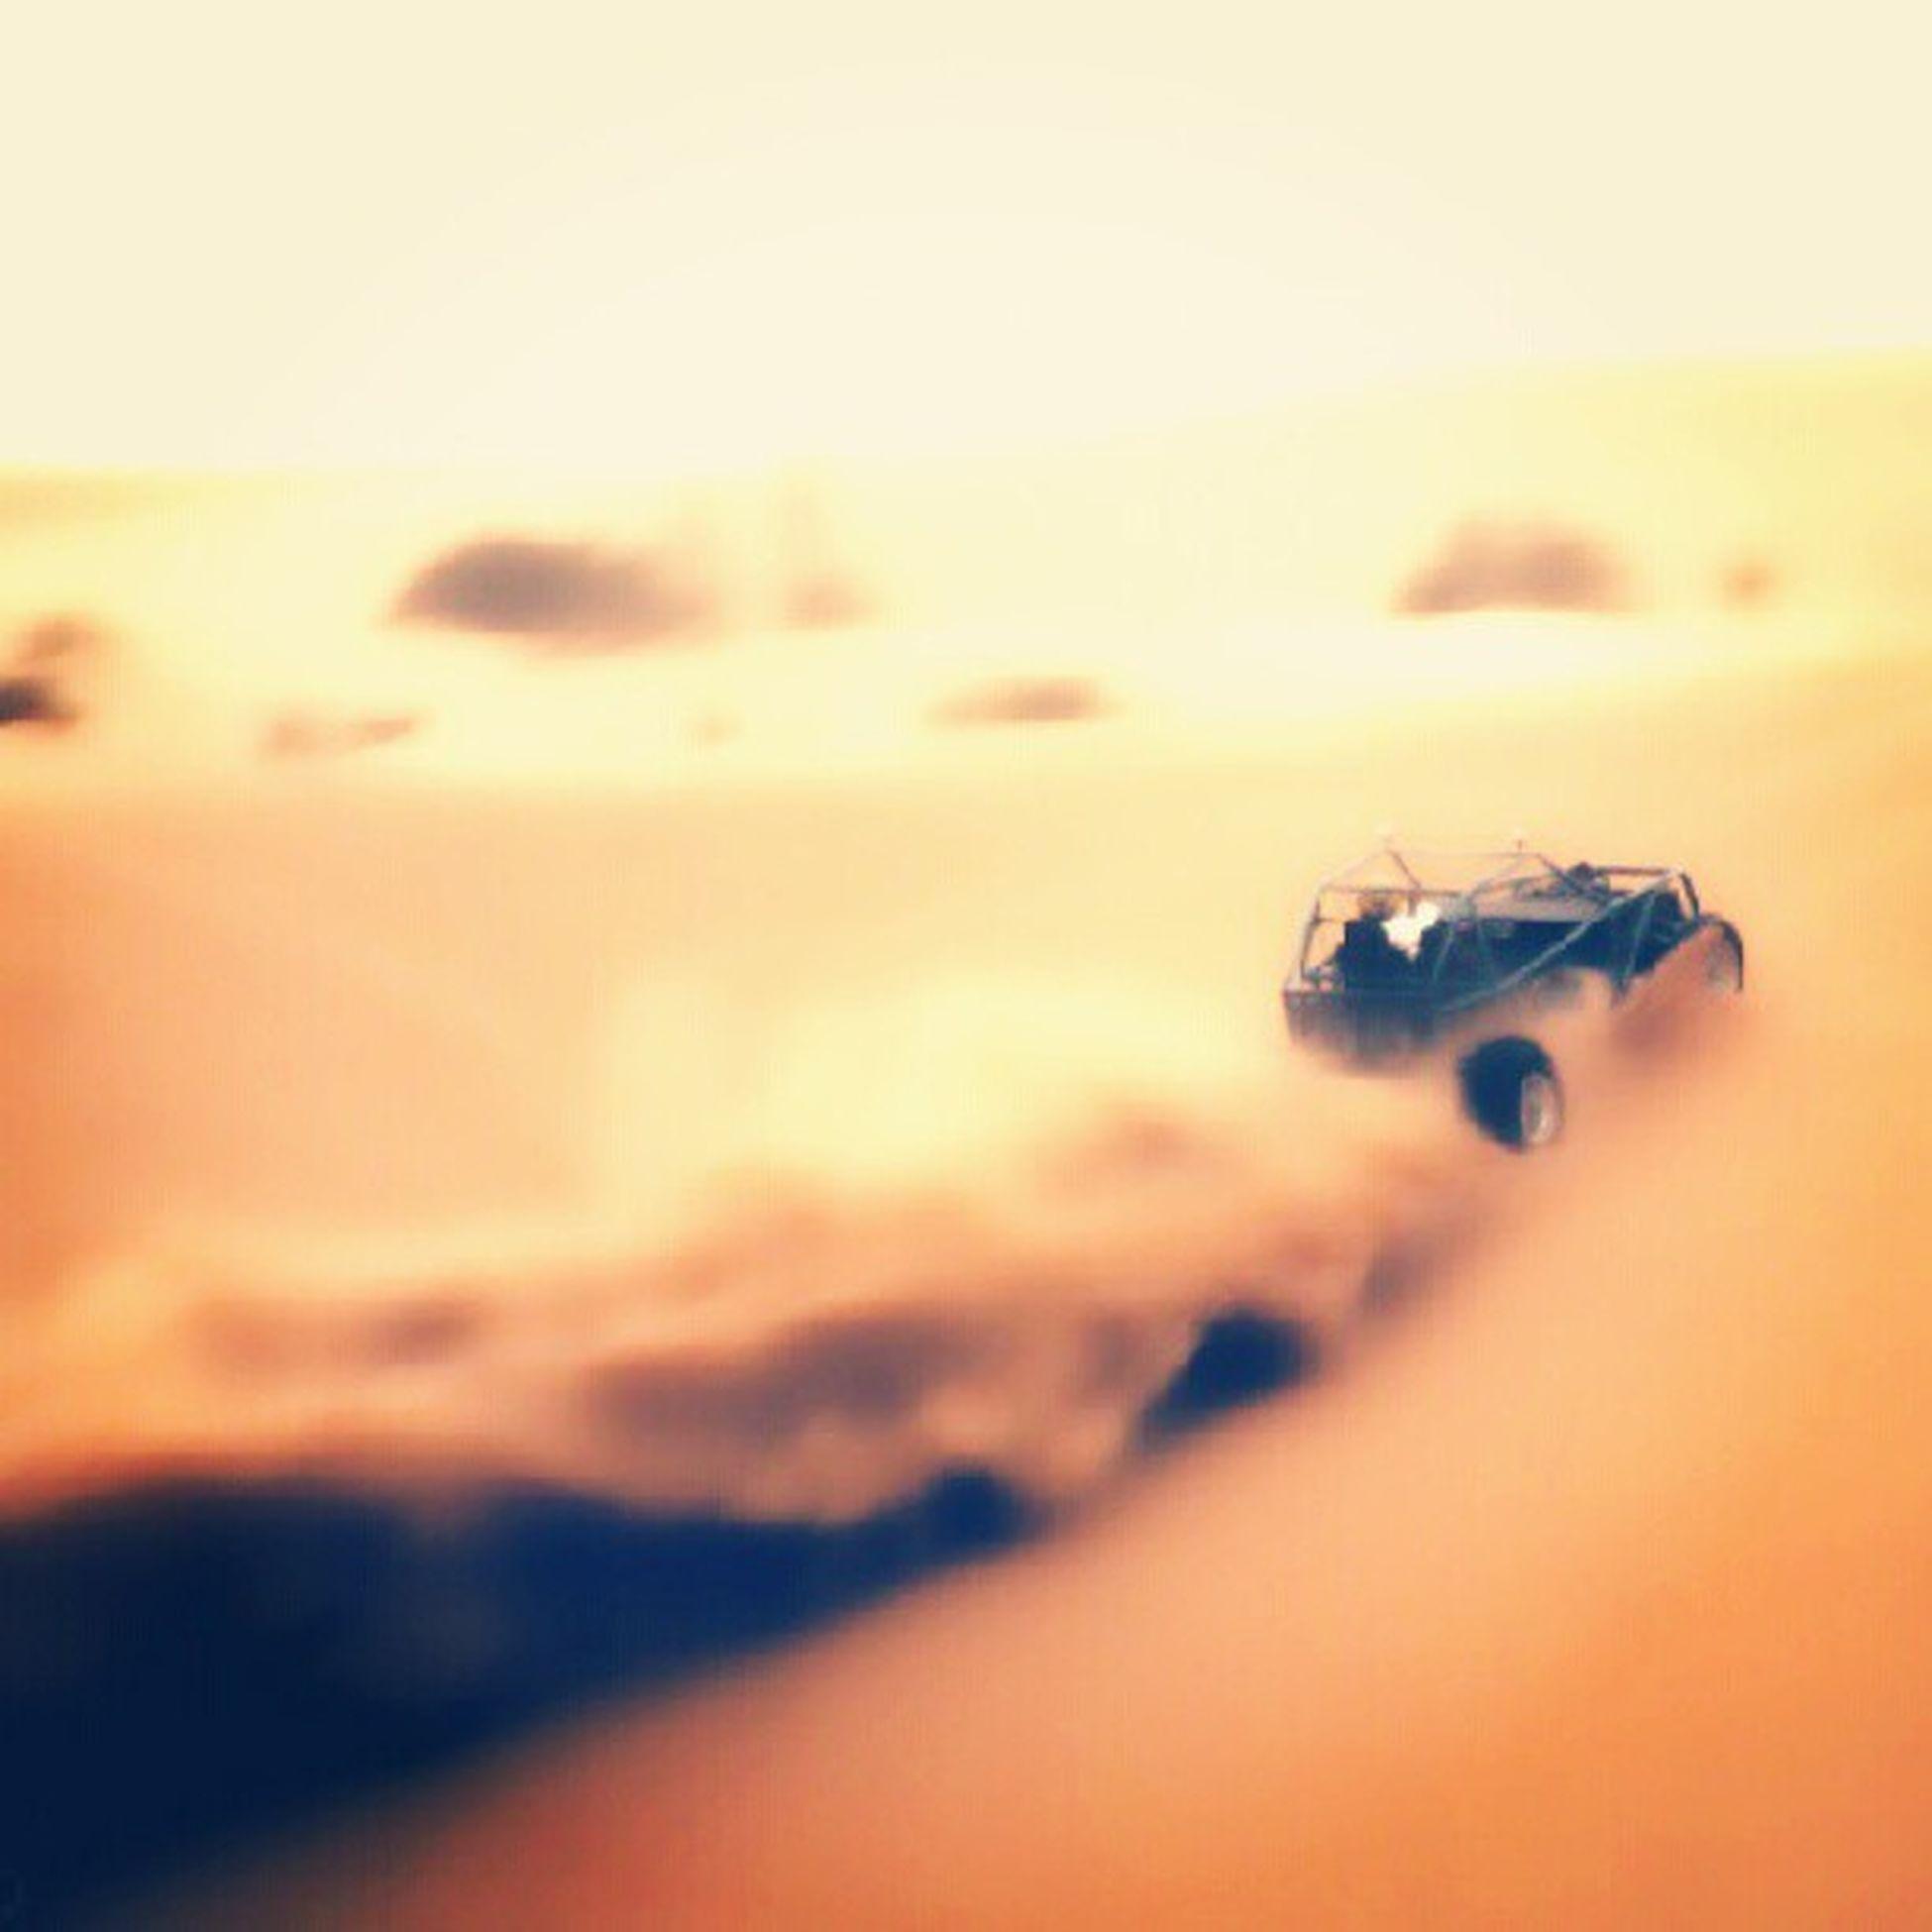 صورة الصحراء دباب جيب ربع سباق تحدي الرمال الكثبان الرملية Image of the desert pocket tanks fourth Challenge sand dune